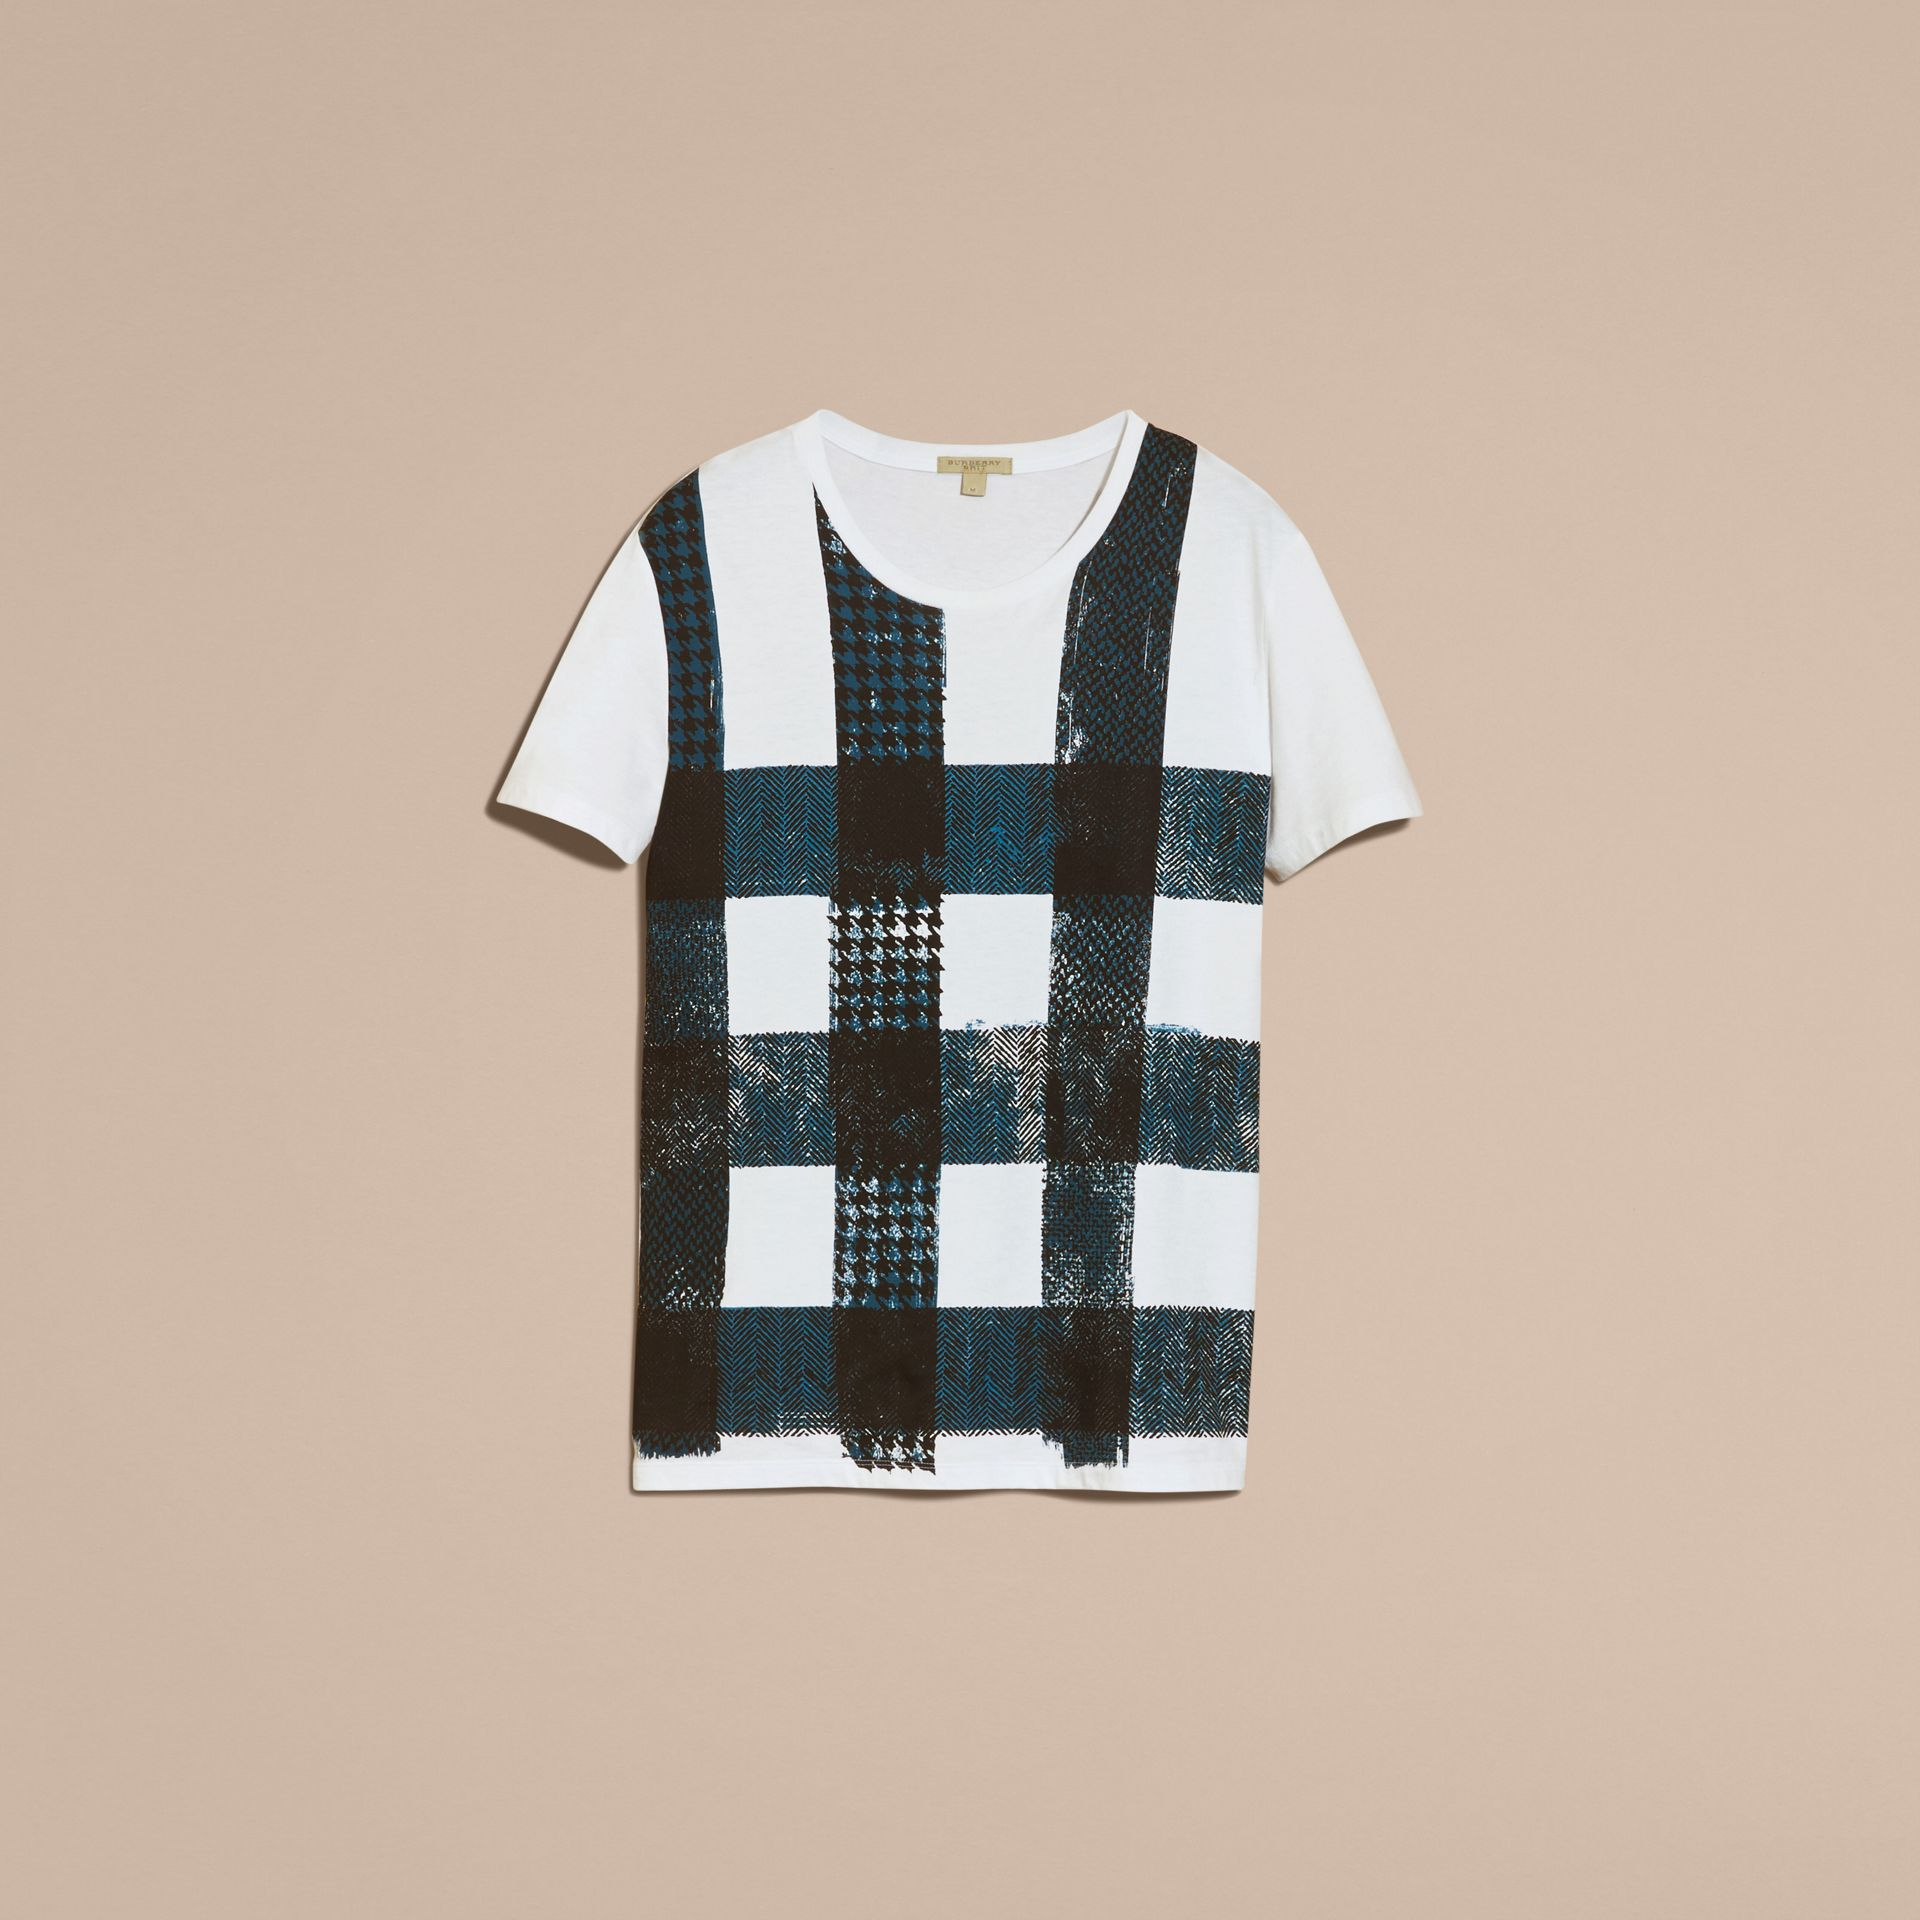 Blanc T-shirt en coton à motif check texturé Blanc - photo de la galerie 4